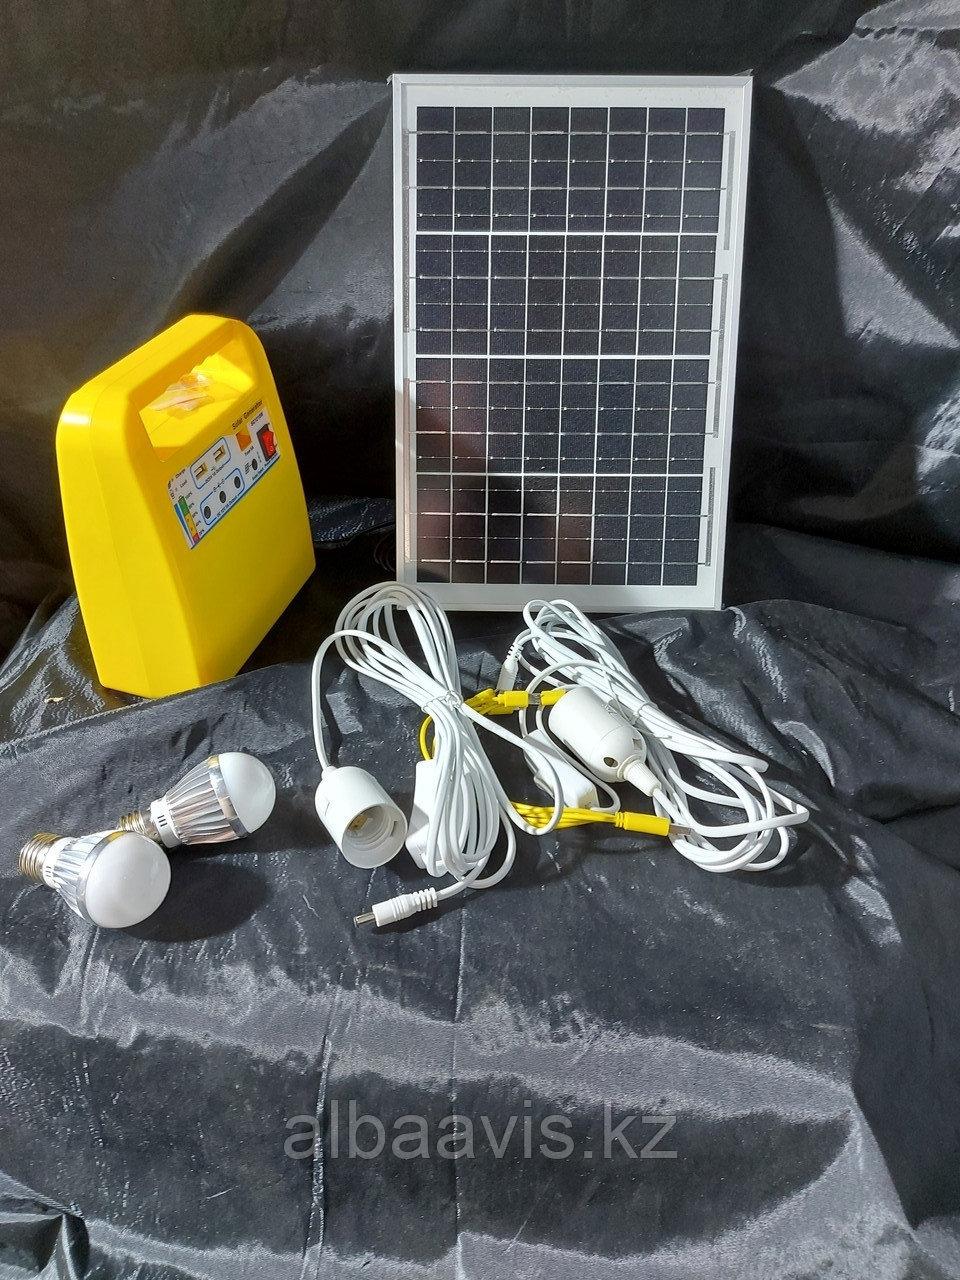 Солнечная система освещения, солнечная станция SG12. Портативные, переносные солнечные станции